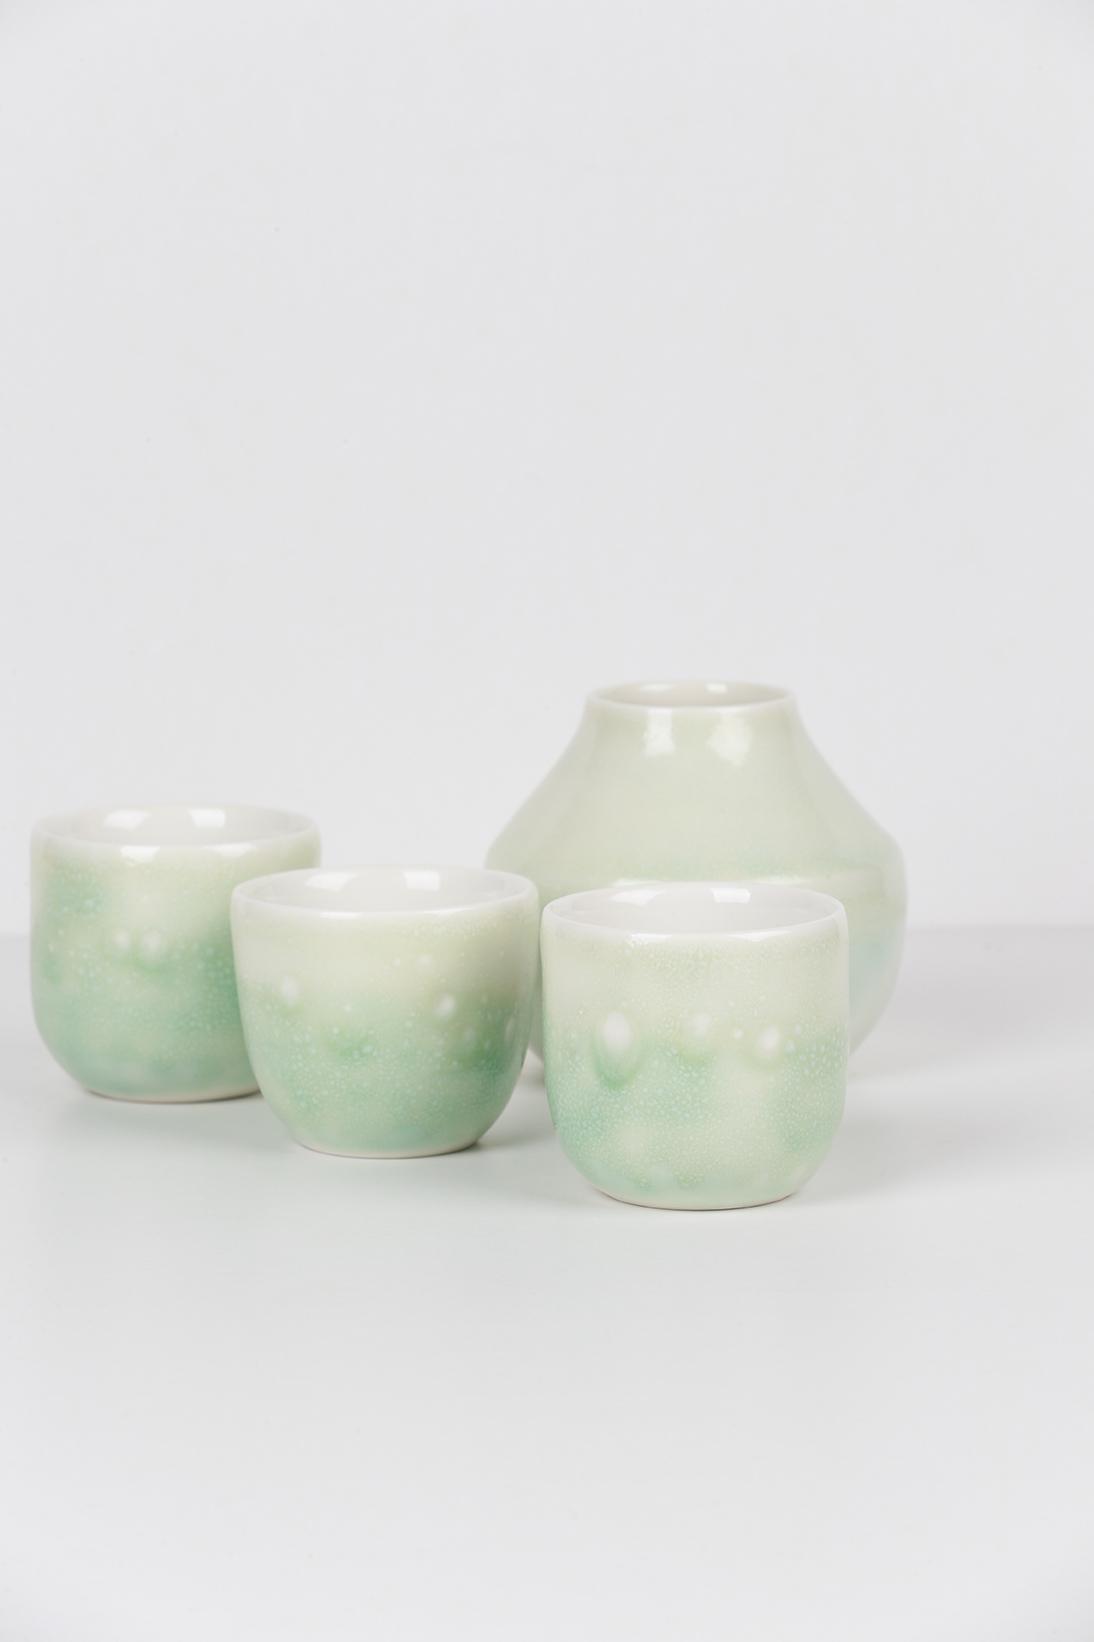 Composition de la collection LACTÉE - Trois tasses et un vase - Émail vert clair fond neutre